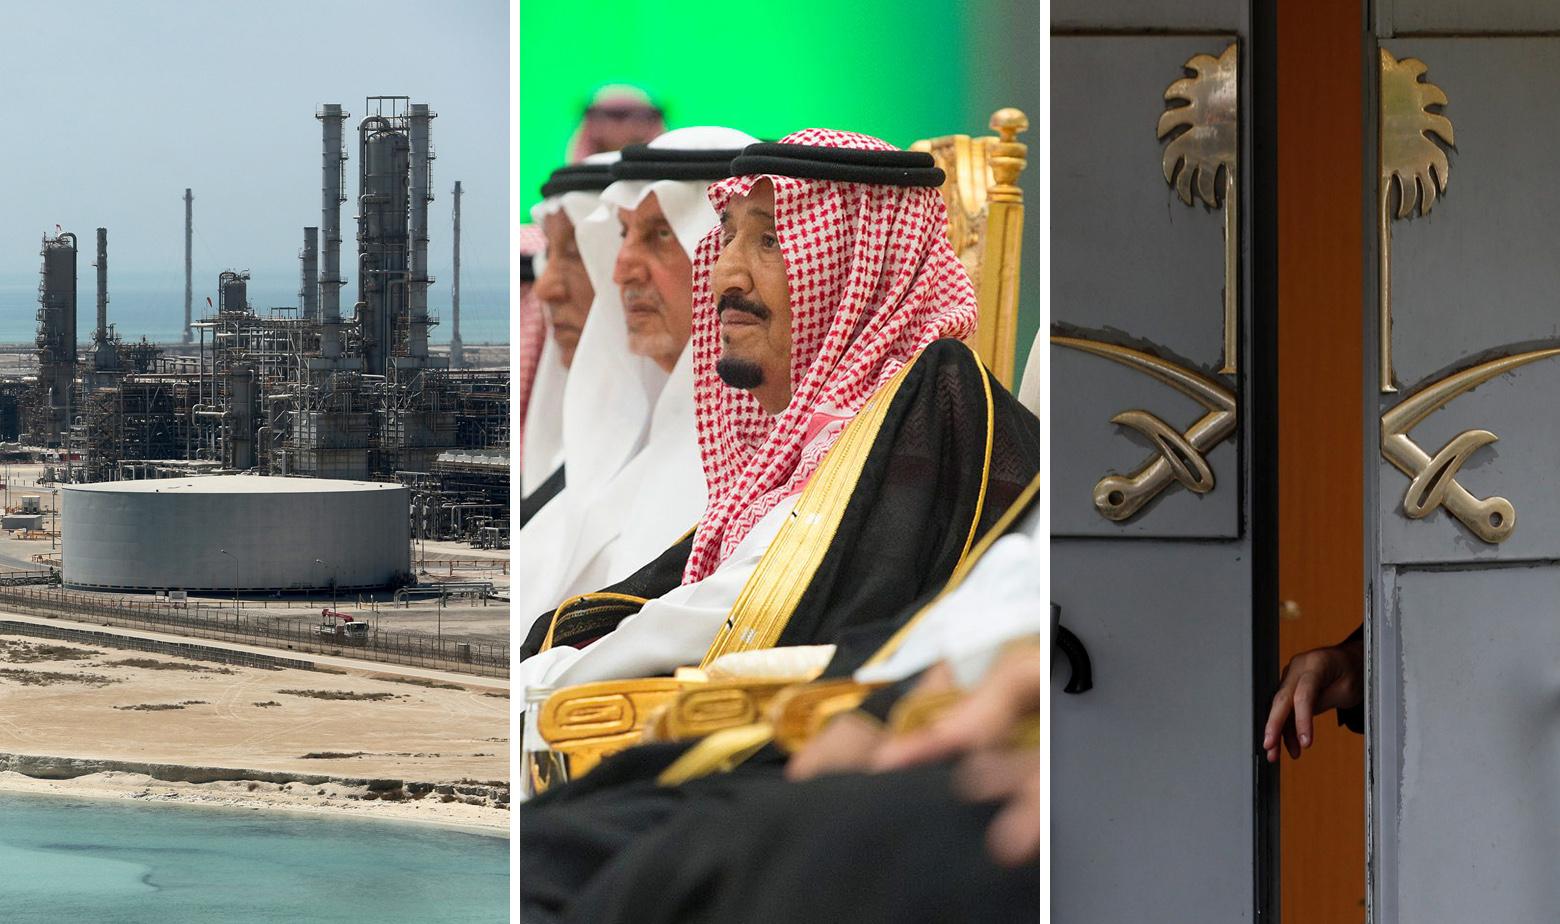 Rafinerija nafte Res Tanura, saudijski kralj Salman i vrata saudijske ambasade u Turskoj